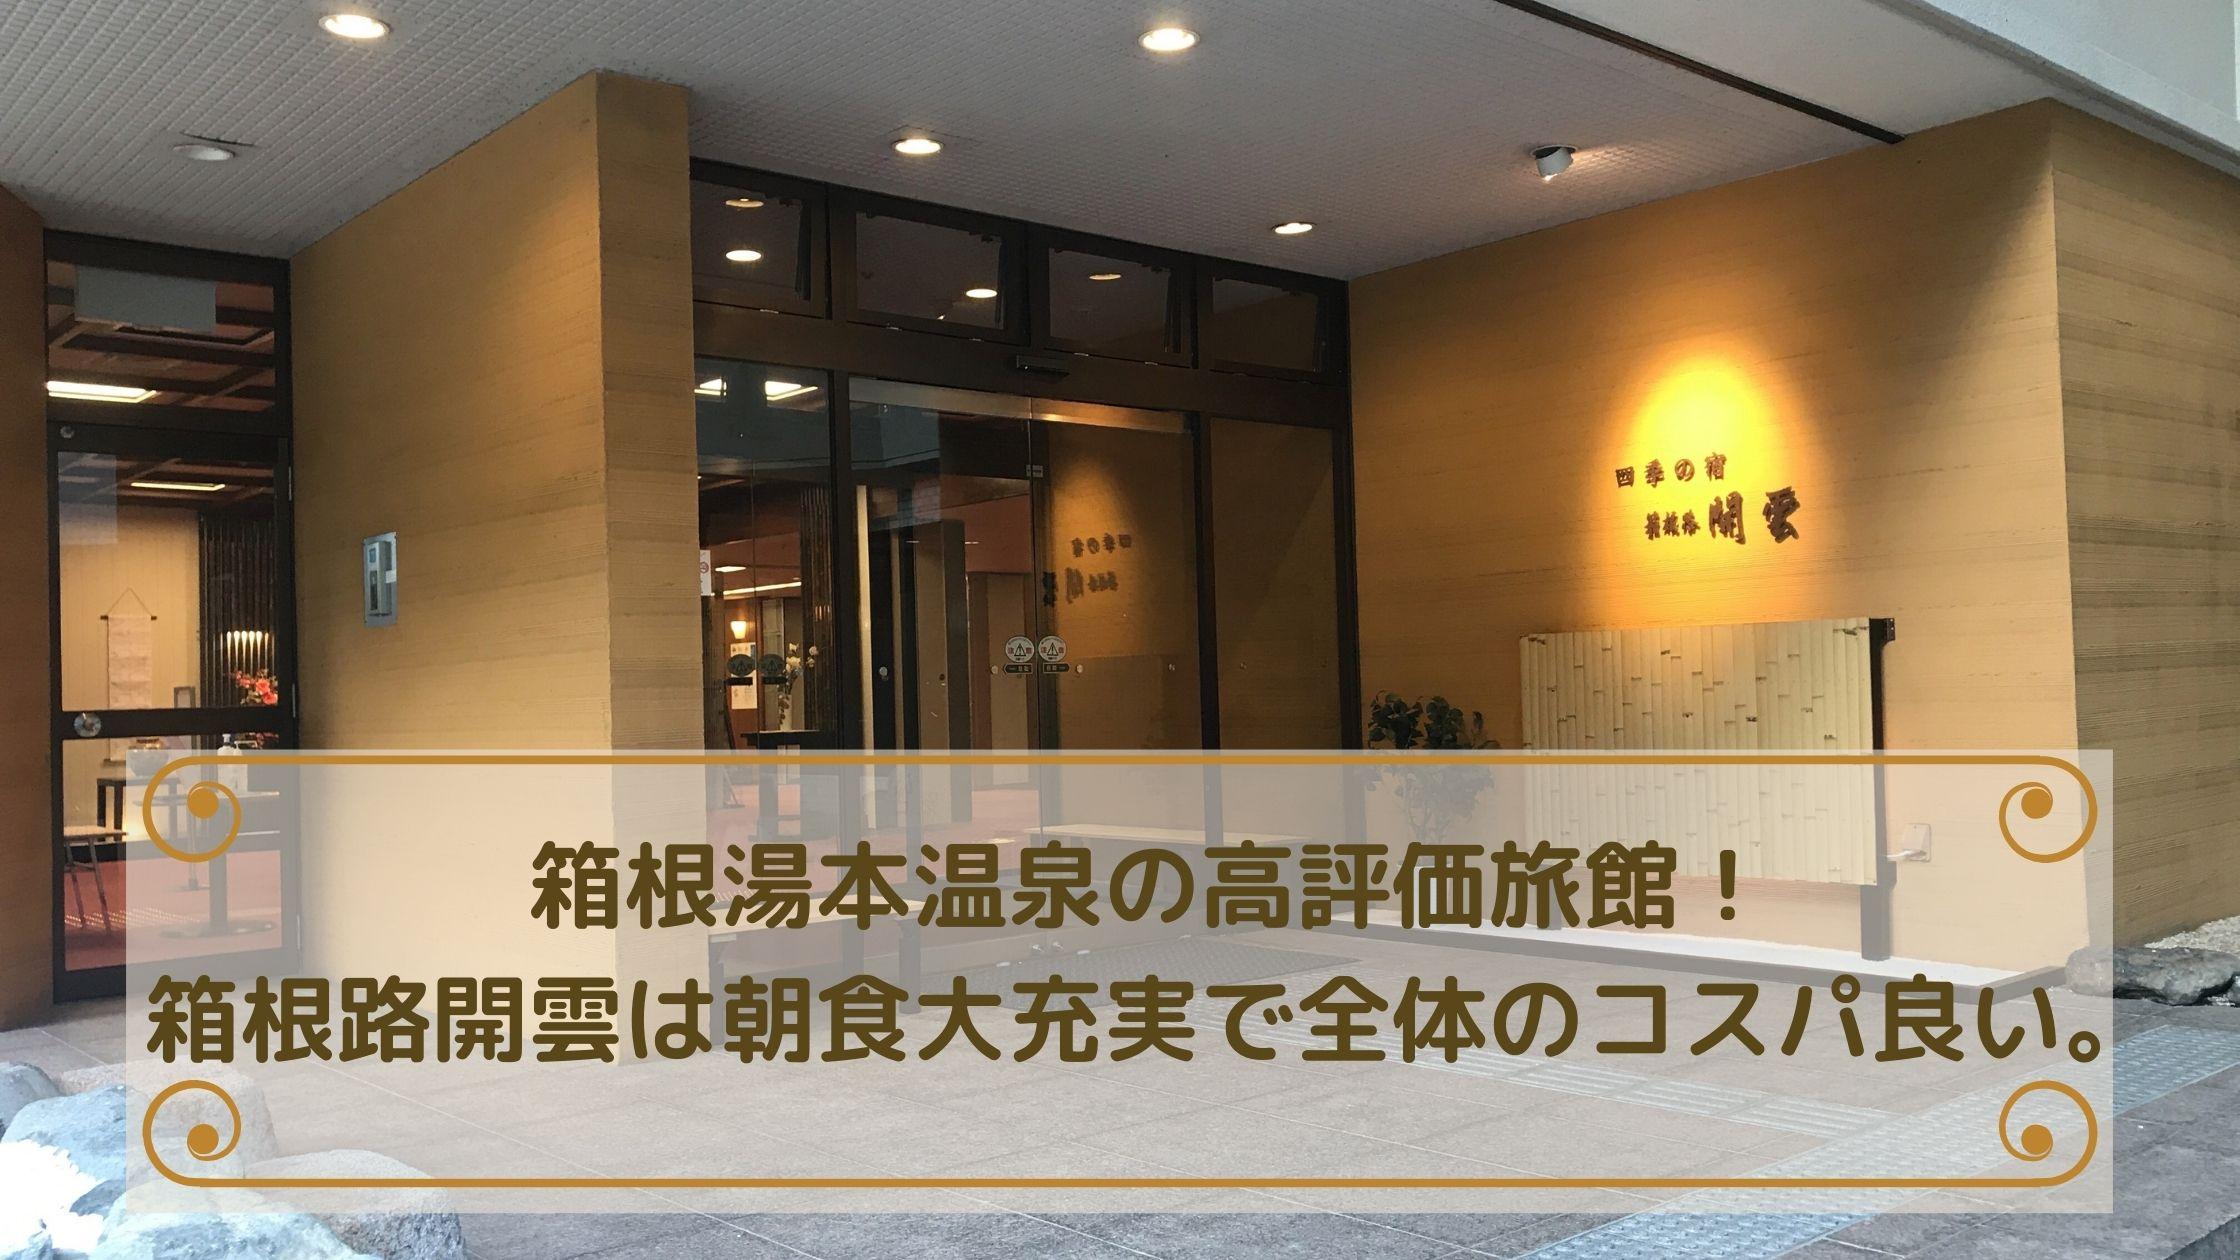 箱根ホテル コスパ 高い